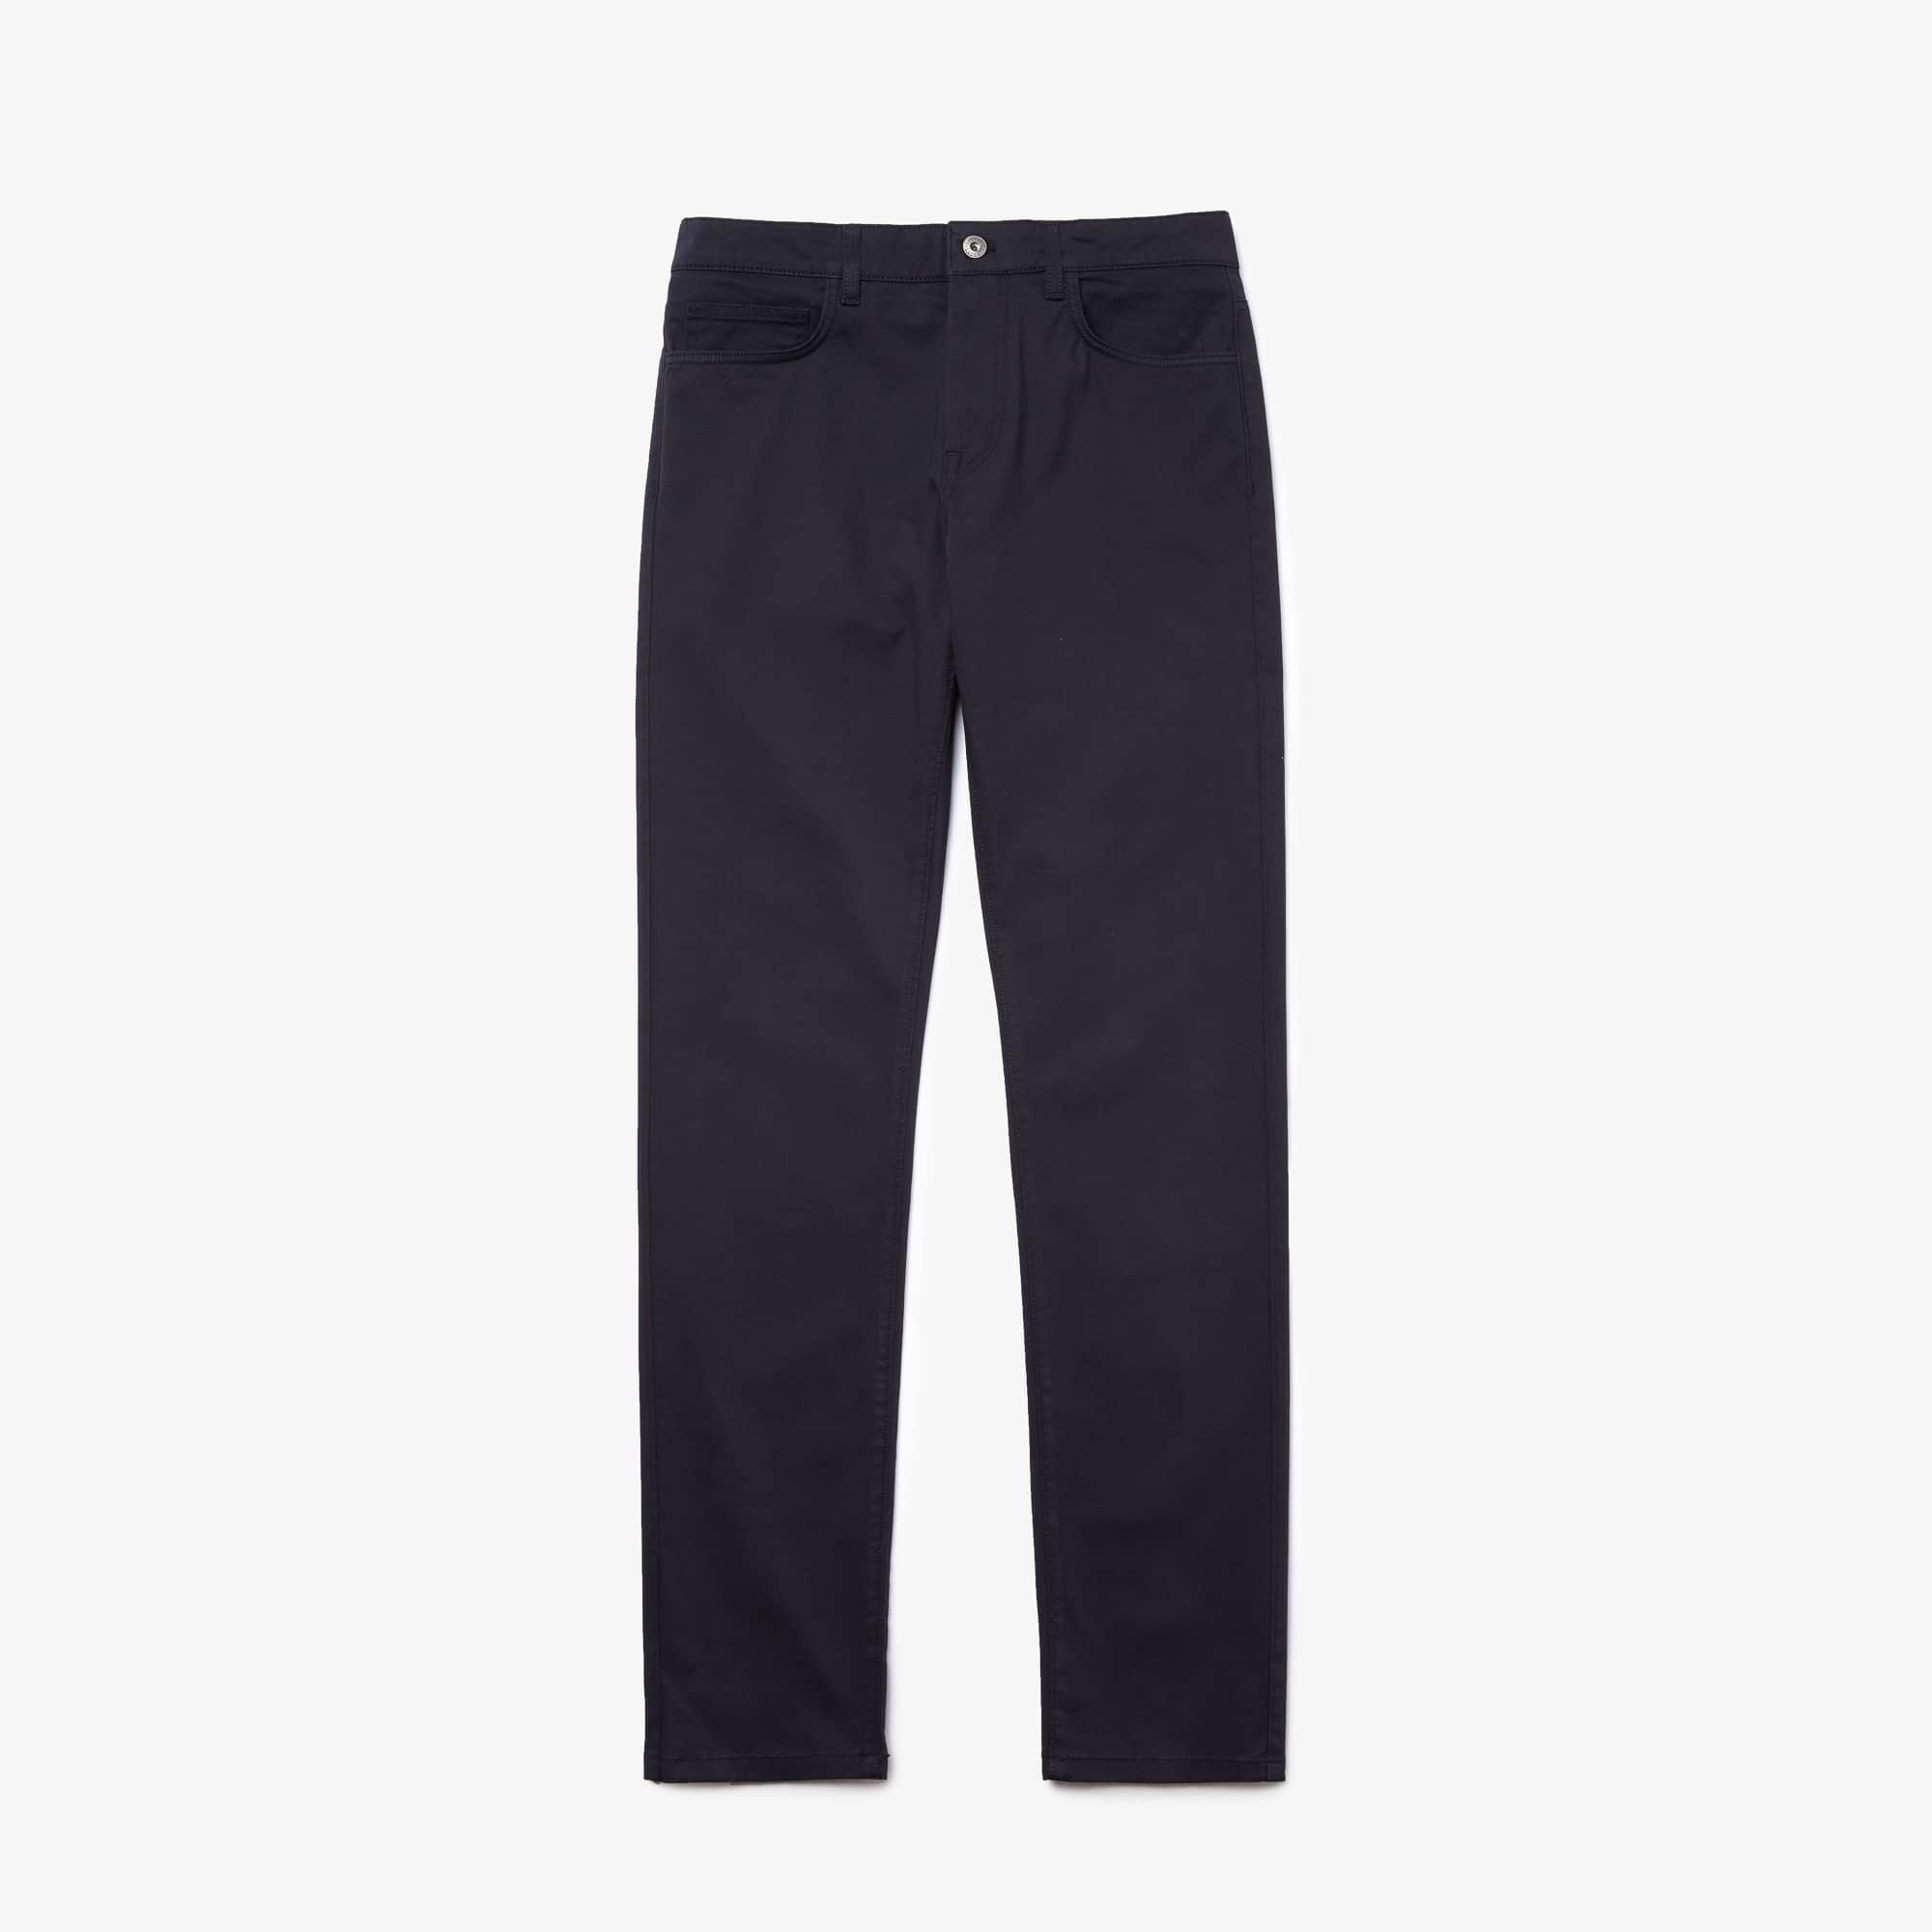 Men's Slim Fit Stretch Cotton Pants